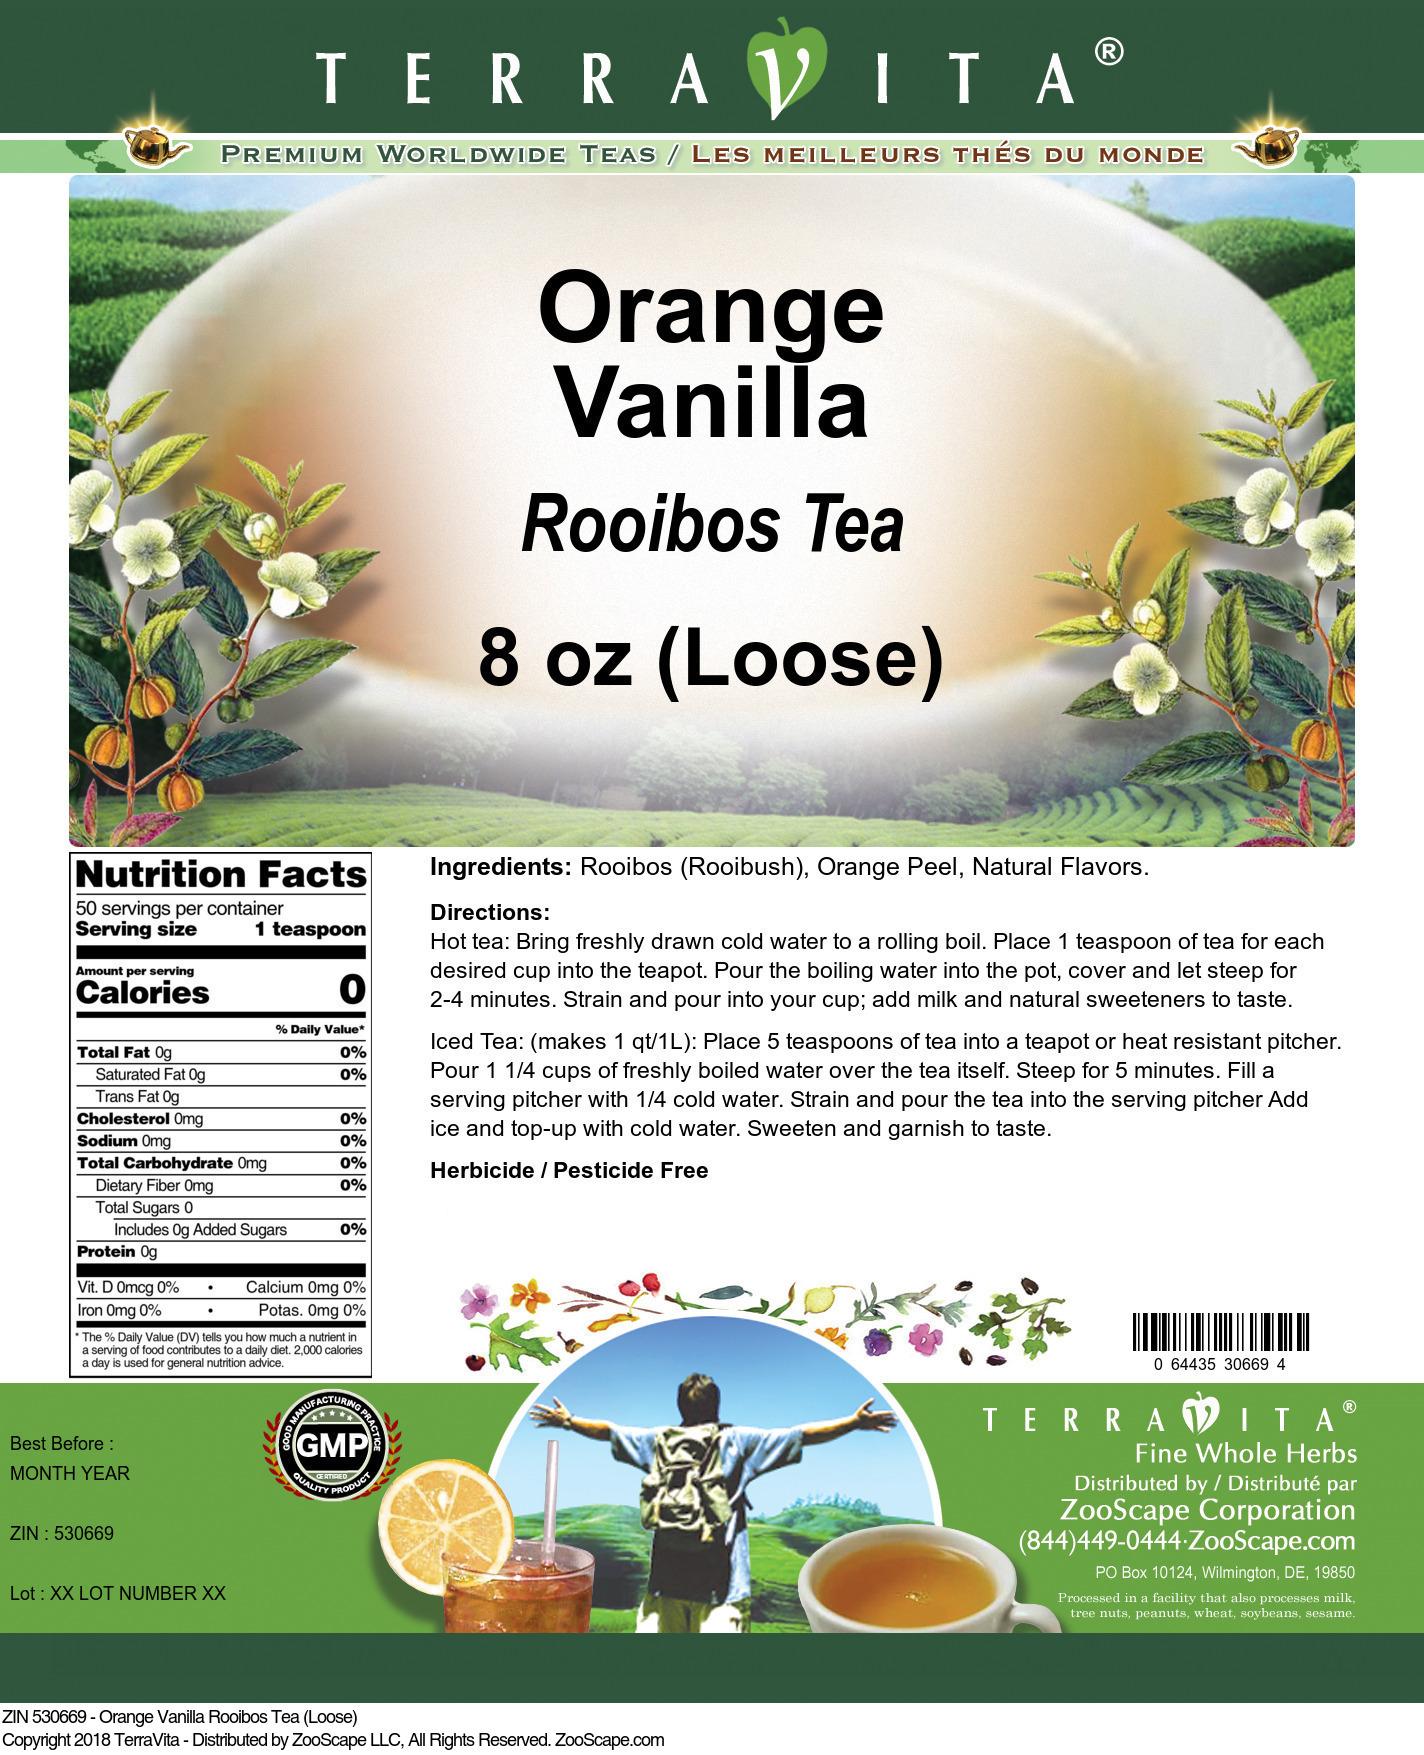 Orange Vanilla Rooibos Tea (Loose)